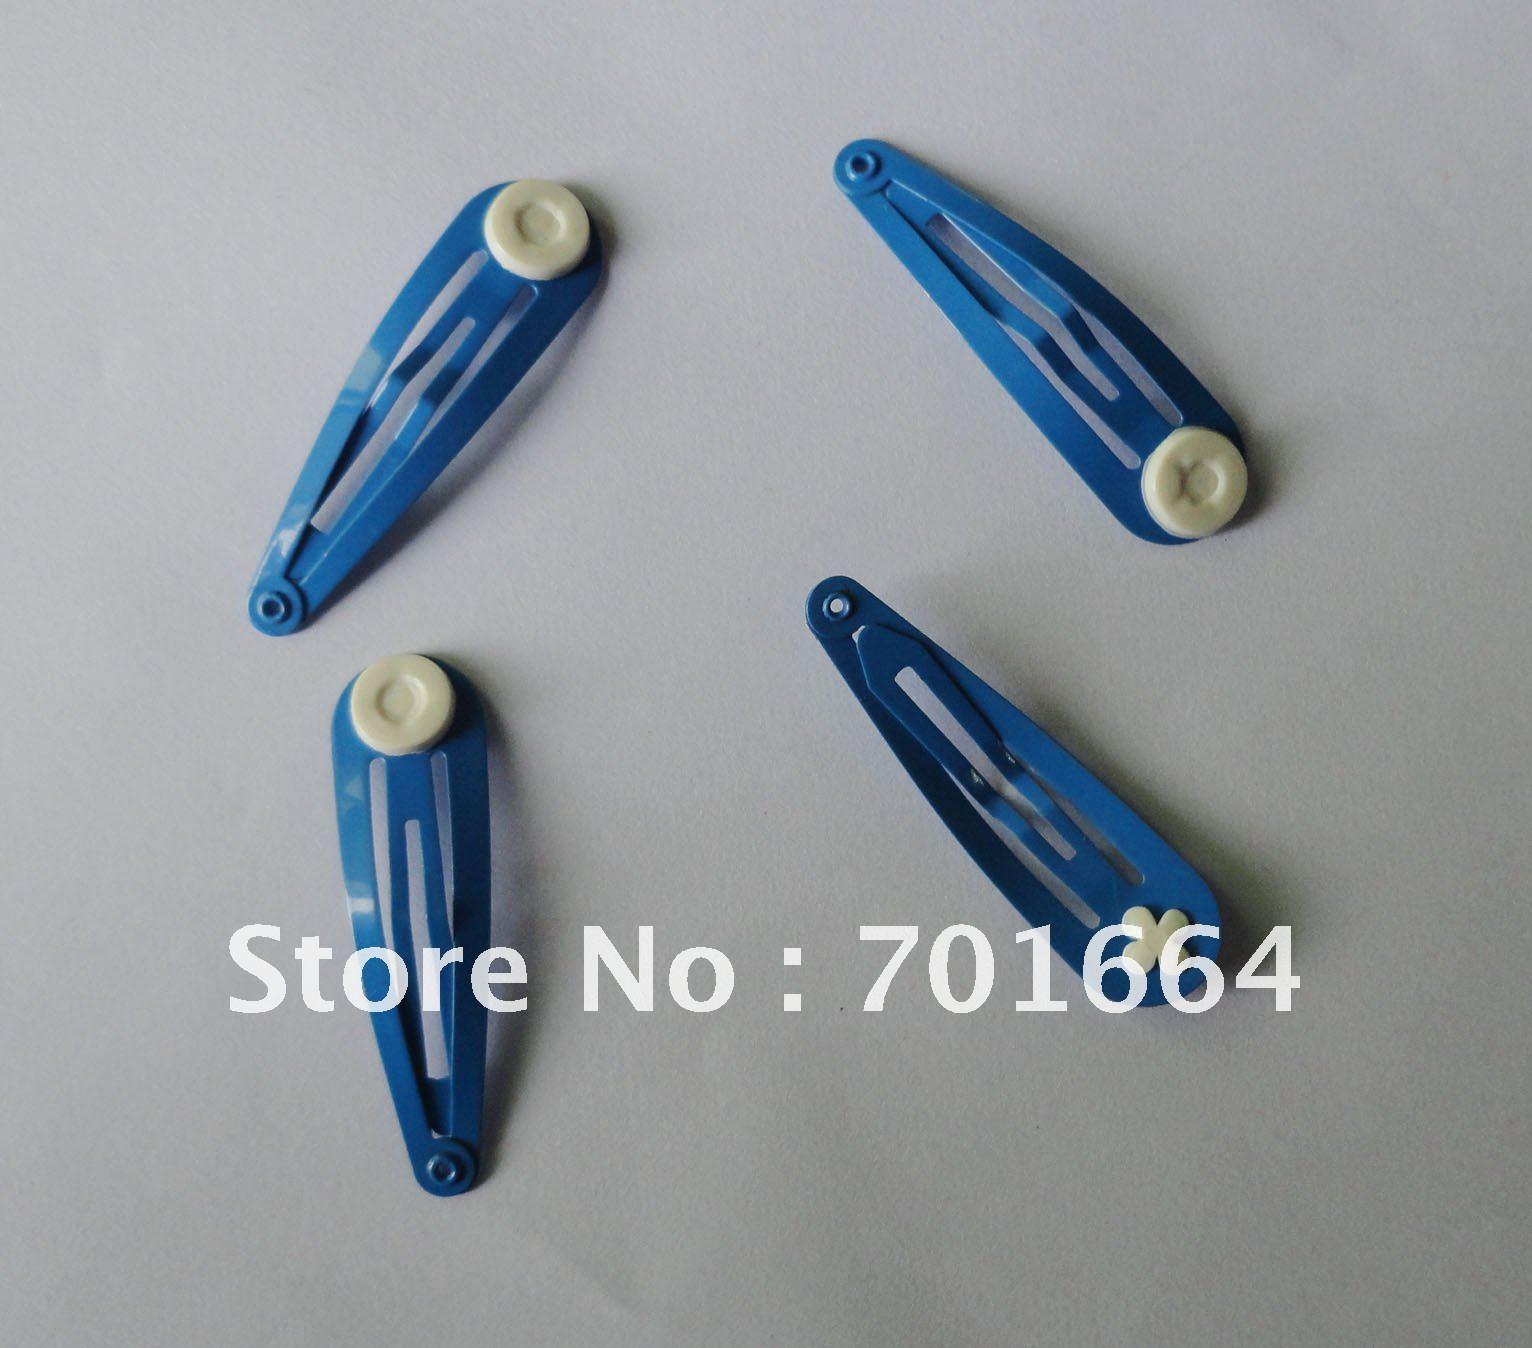 """50 шт. 5,0 см 2,"""" Aqua-blue обычный металл защелкивающиеся зажимы с 9 мм склеивания колодки на никель бесплатно и свинец бесплатно качество"""